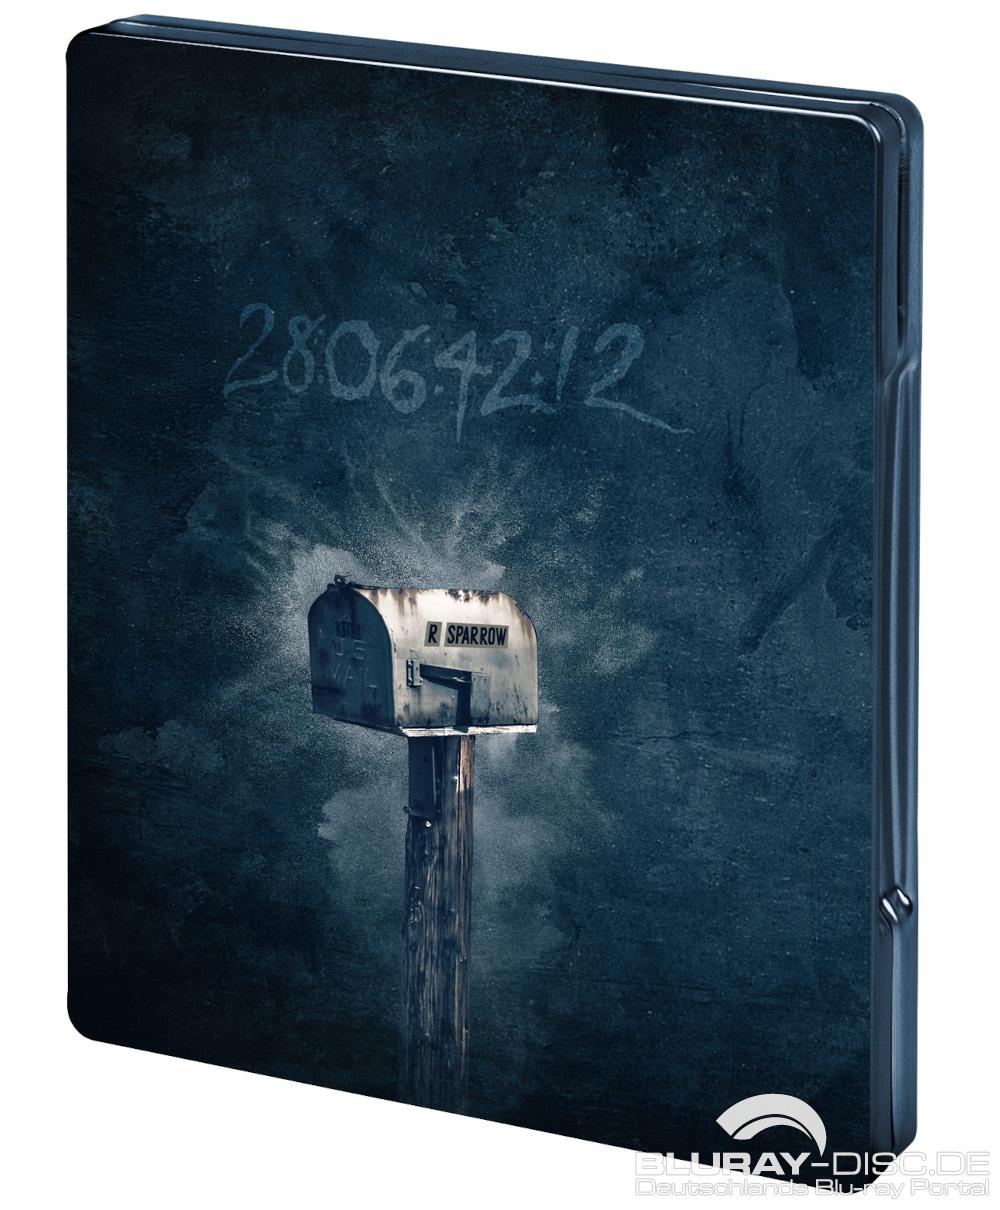 Donnie-Darko-Steelbook-Galerie-02.jpg